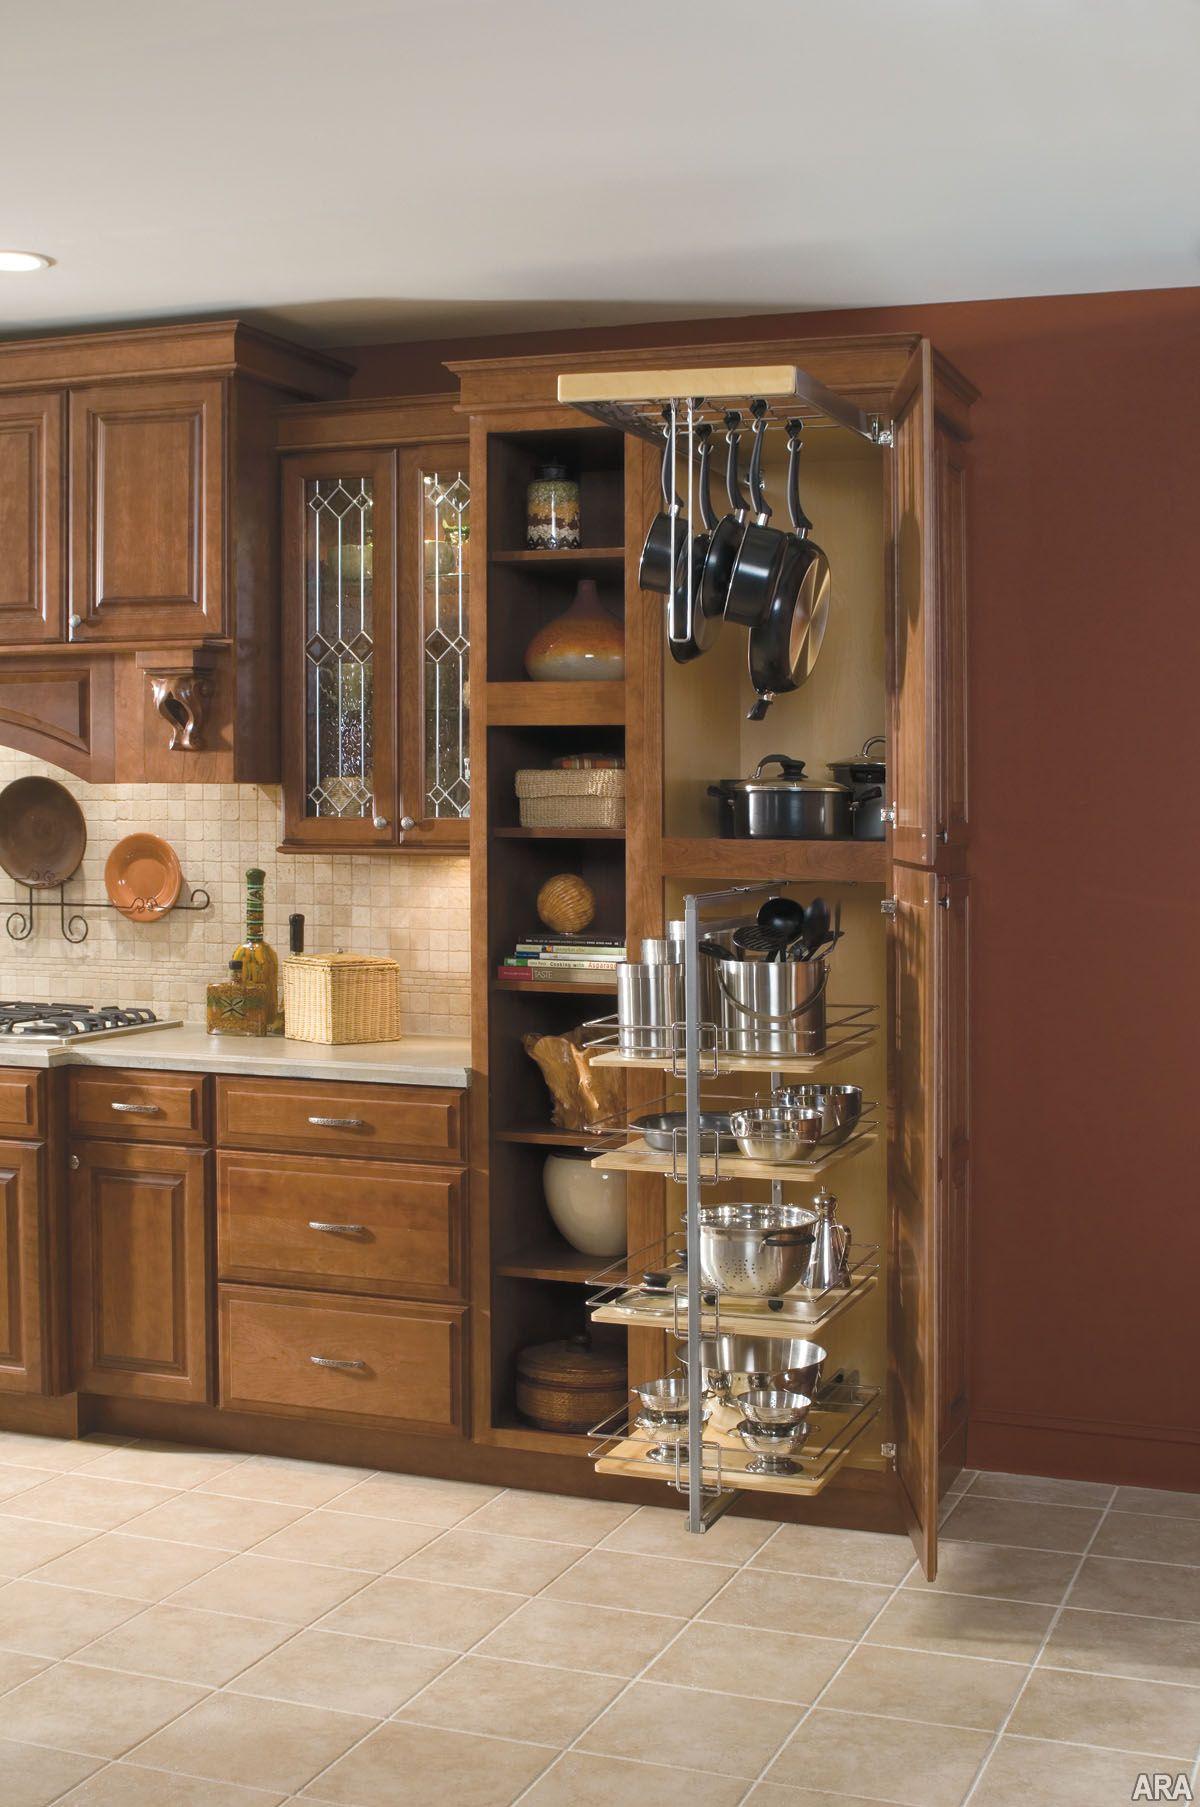 diy kitchen organization ideas | DIY Kitchen Organiztion | DIY ...